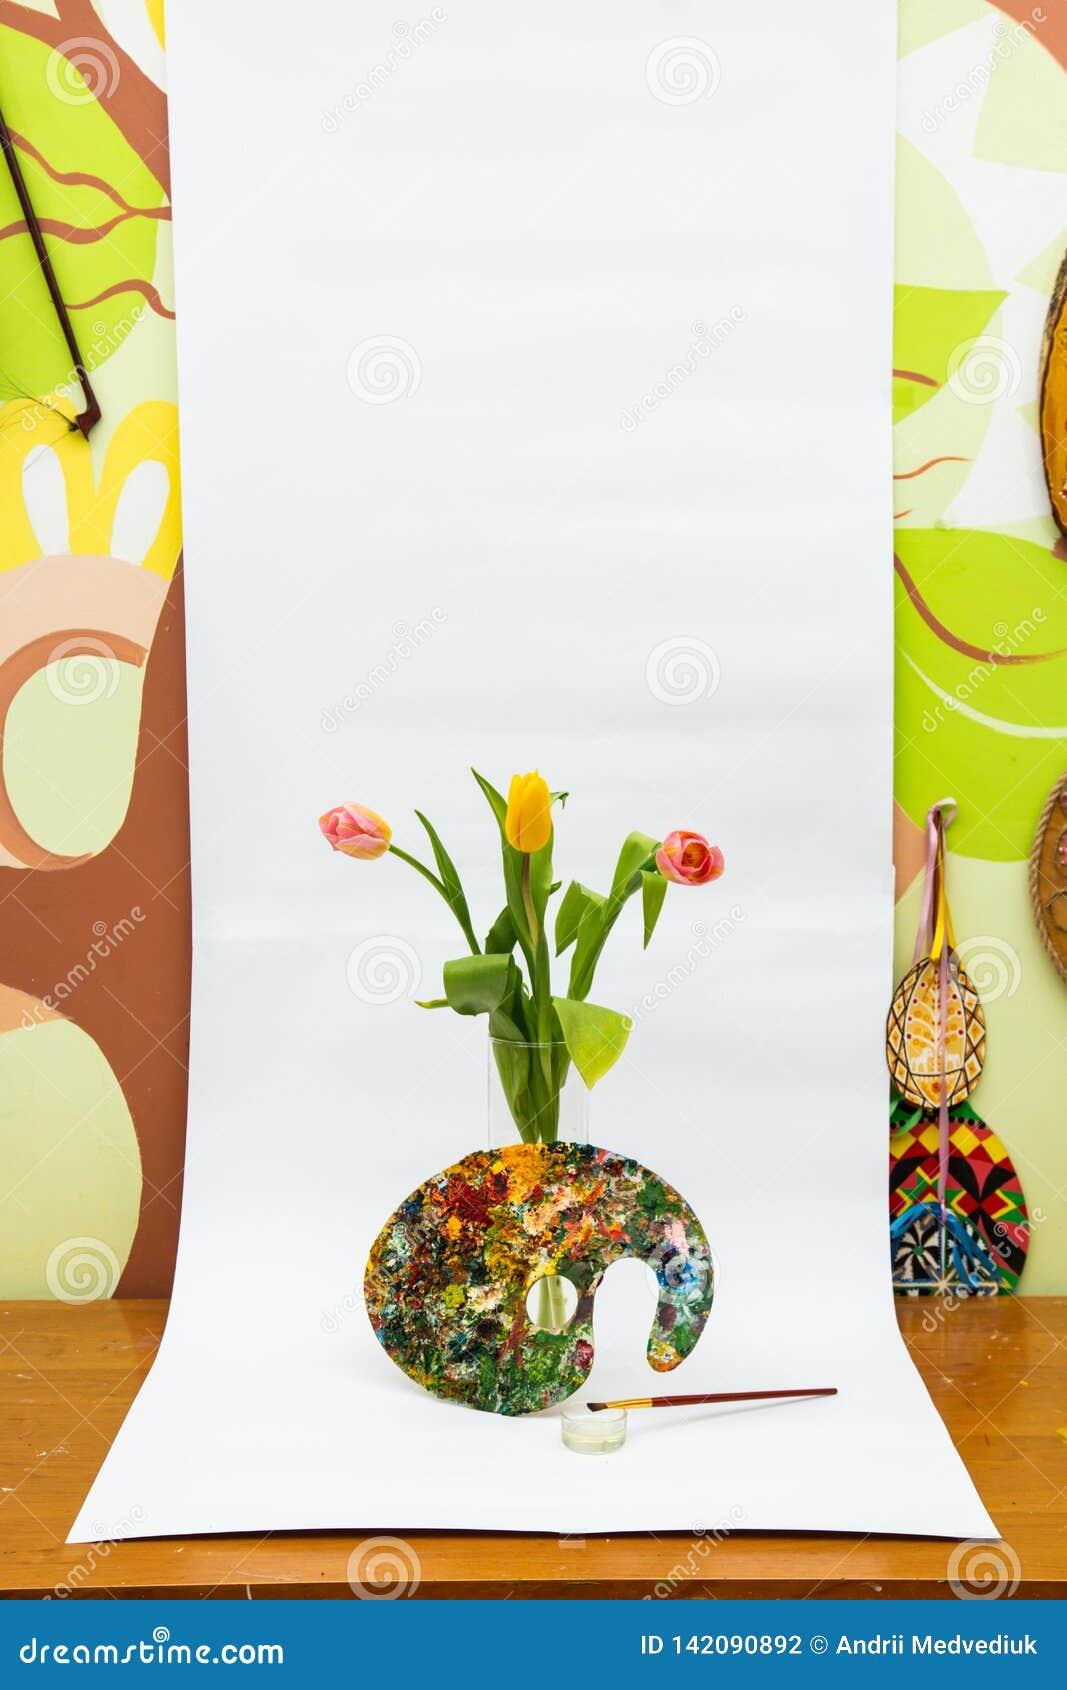 Paleta colorida da pintura a óleo com uma escova Escovas e pinturas de pintura para tirar Tulips em um fundo branco